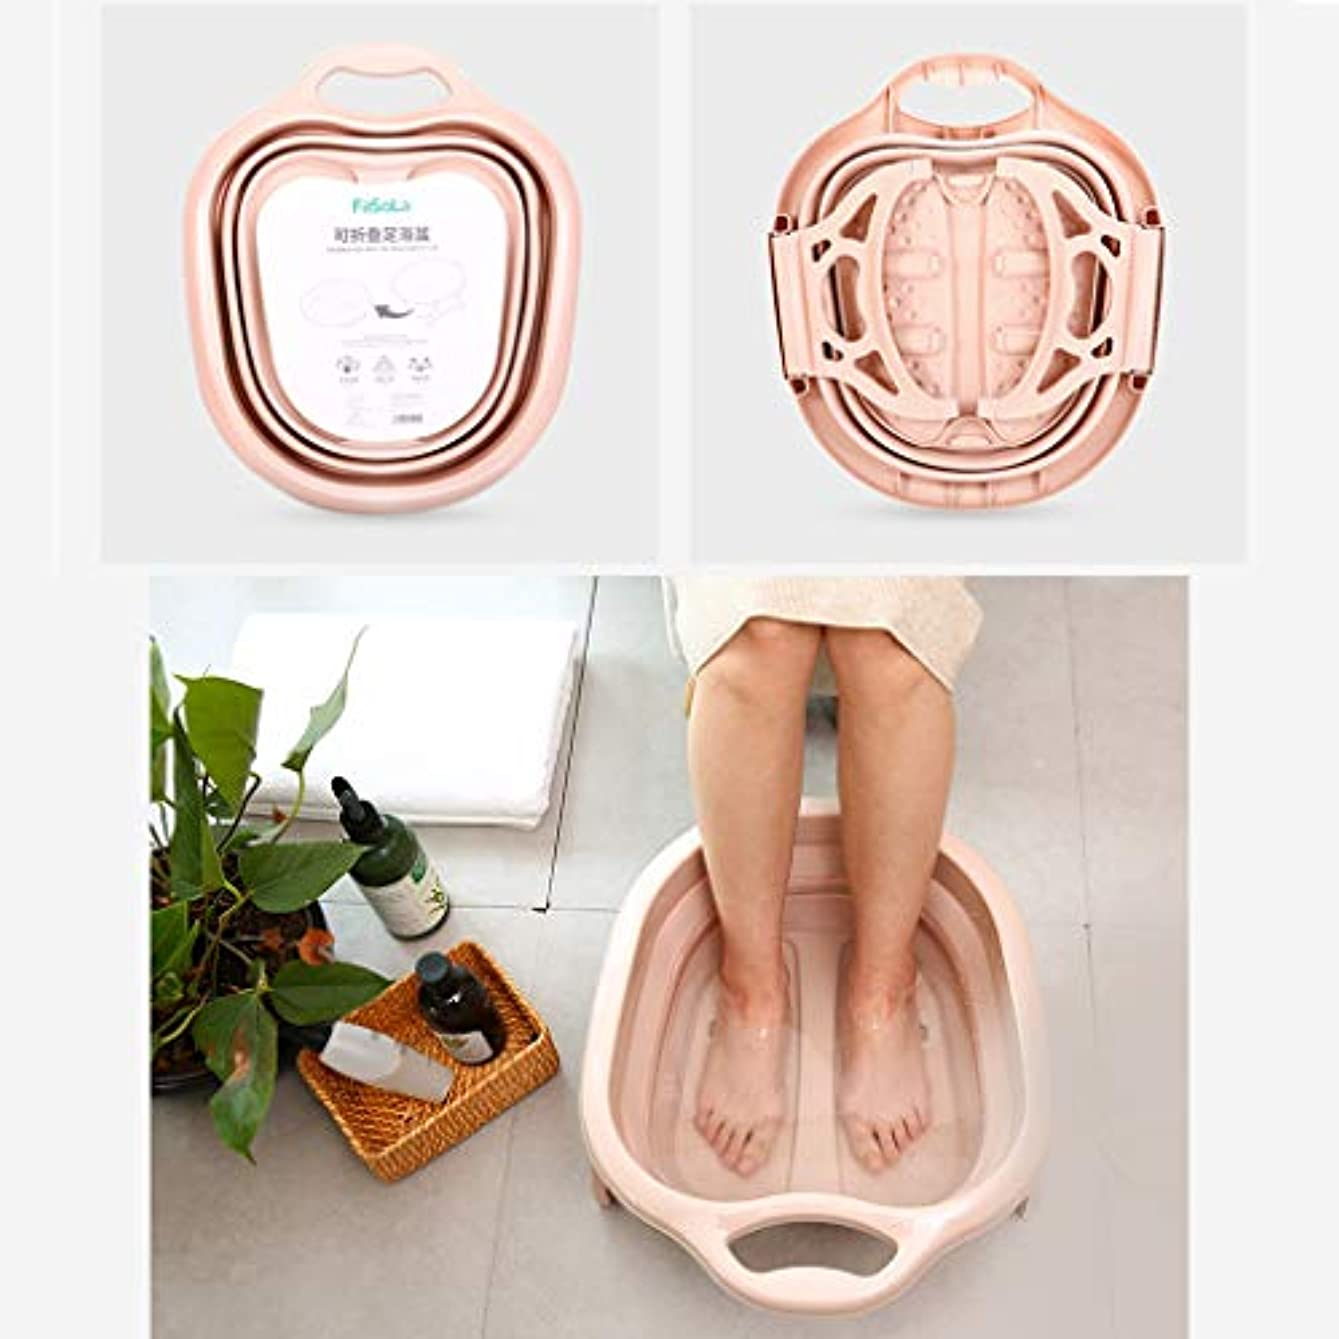 腹部ペンフレンドハウジング折り畳み式フットバスバレルマッサージホームポータブルプラスチックフットウォッシングハイレッグアーティファクト、フット疲労を軽減するためにマッサージホイールで折り畳み可能,ピンク